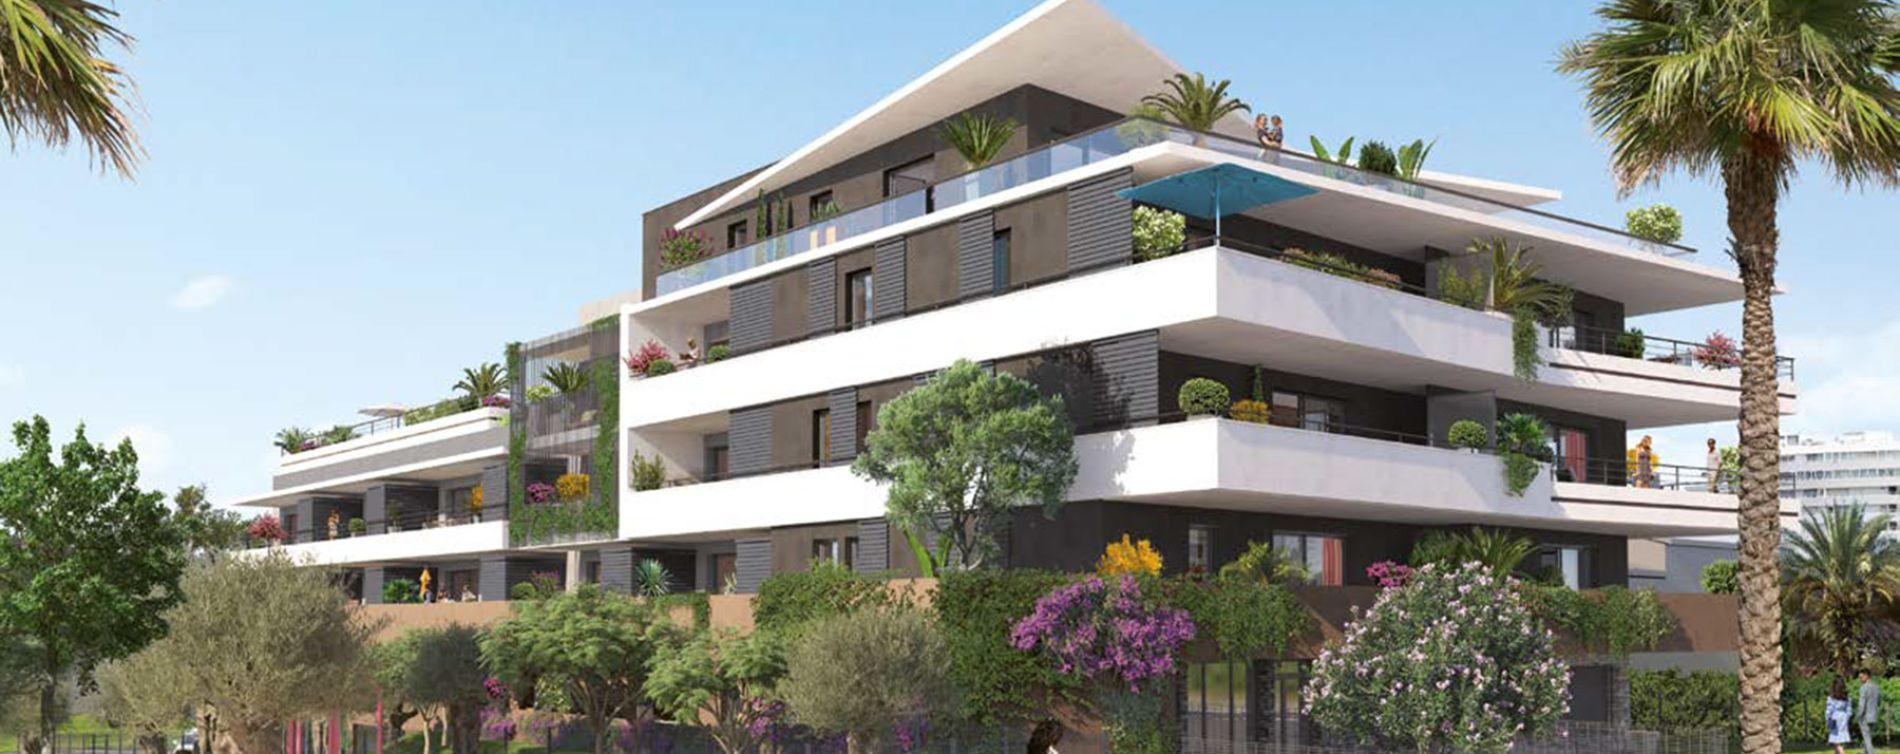 Villeneuve-Loubet : programme immobilier neuve « Programme immobilier n°219427 » en Loi Pinel (3)